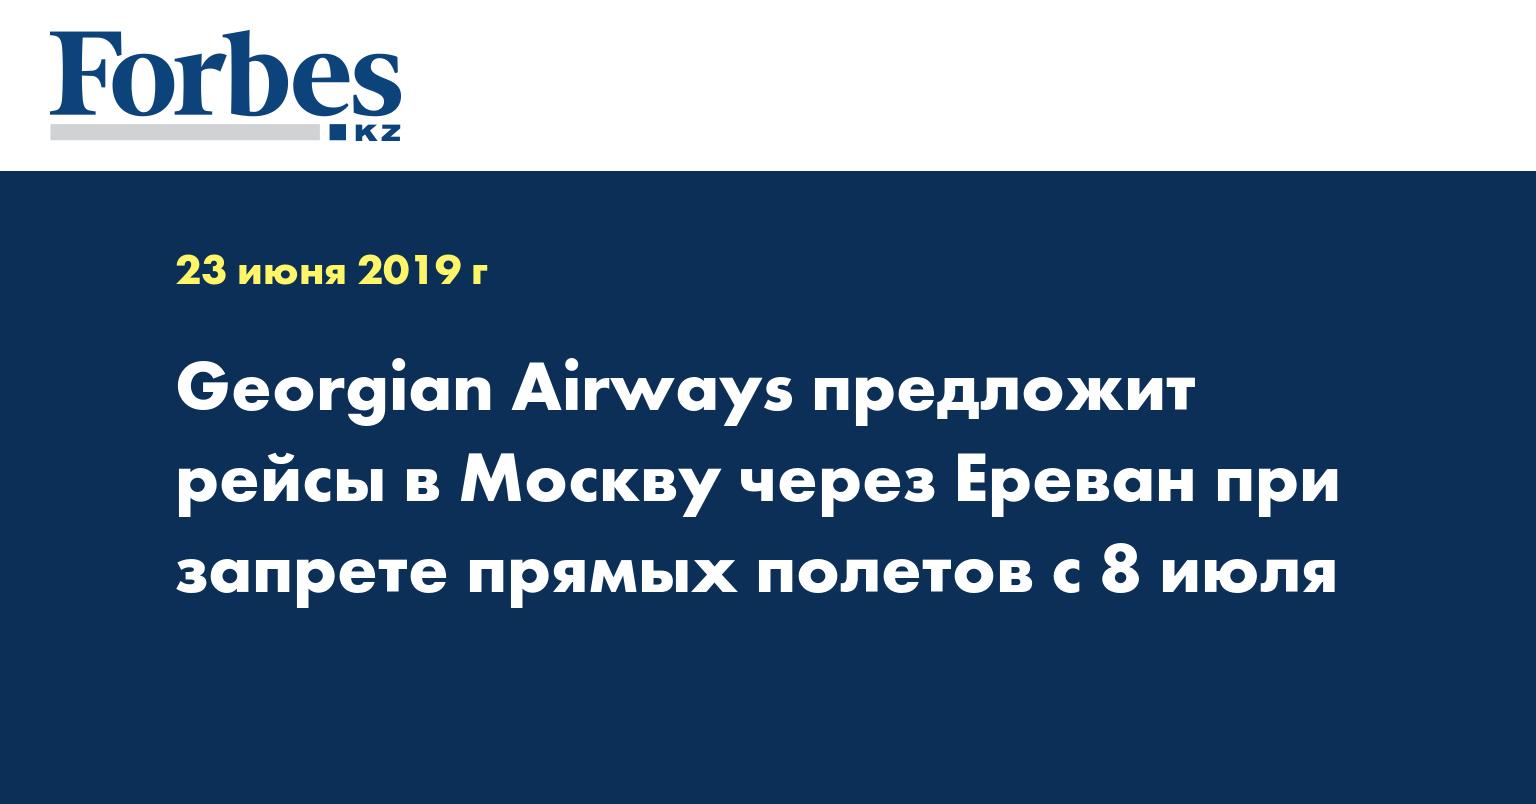 Georgian Airways предложит рейсы в Москву через Ереван при запрете прямых полетов с 8 июля